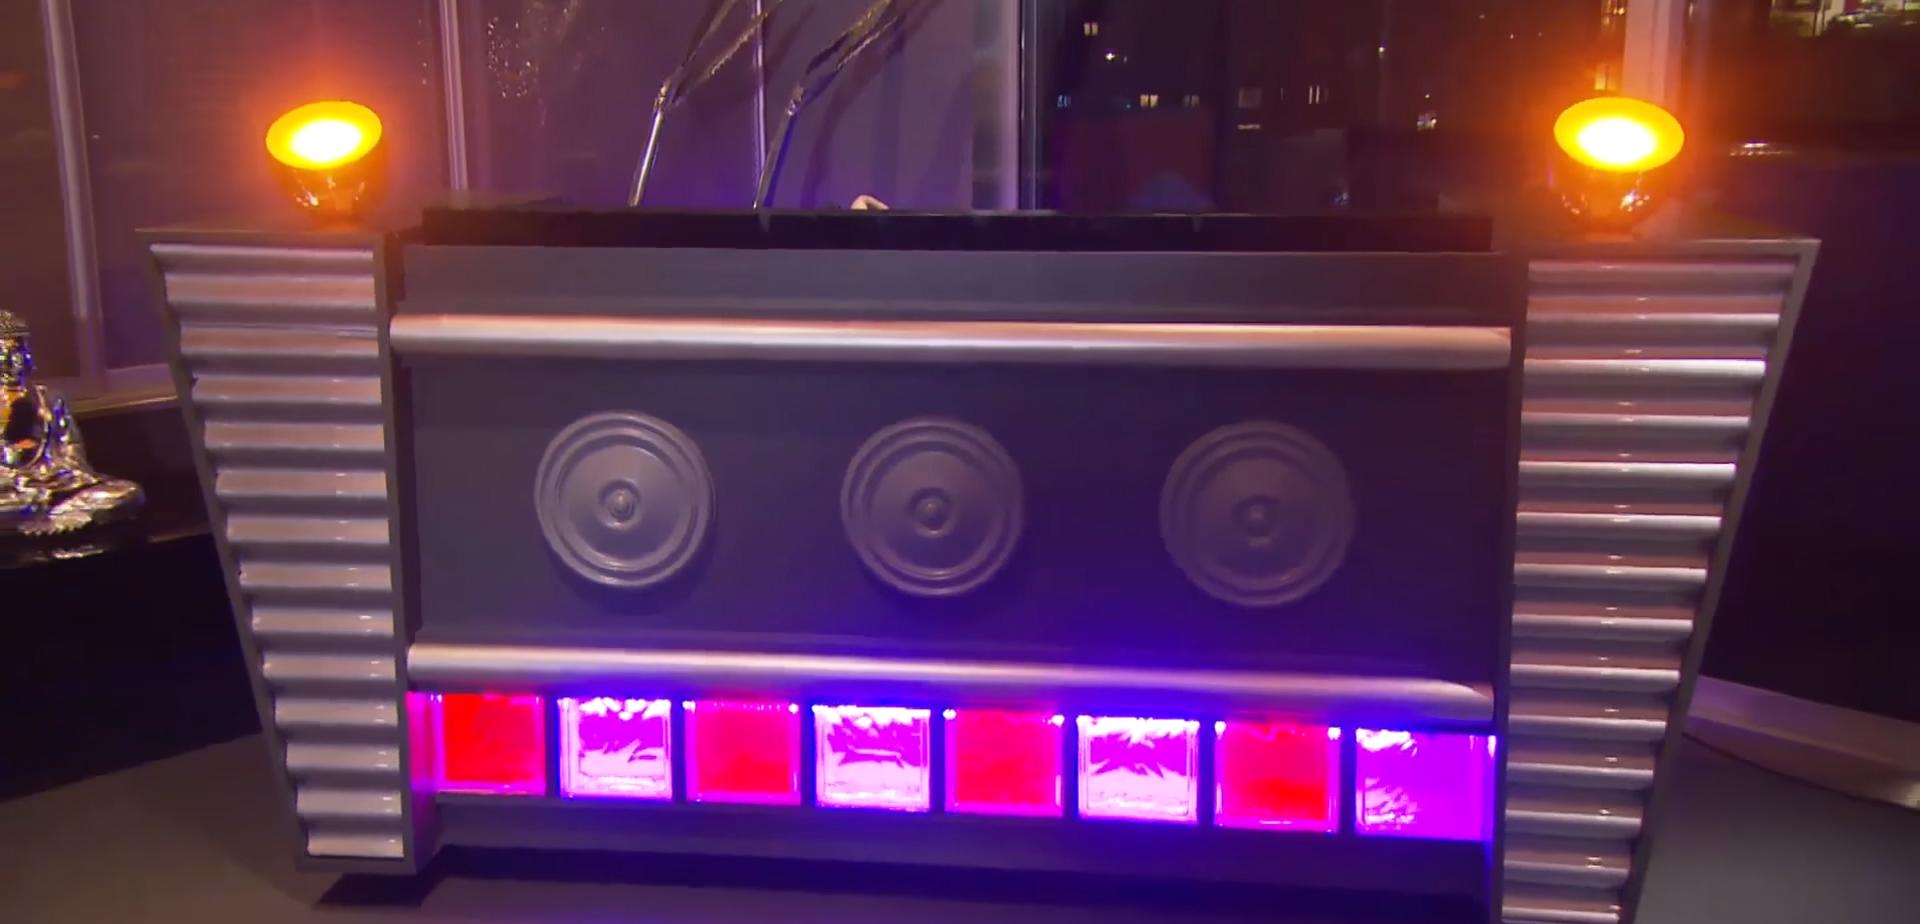 Top DJ booth maken - Brico | Voor de makers IW36